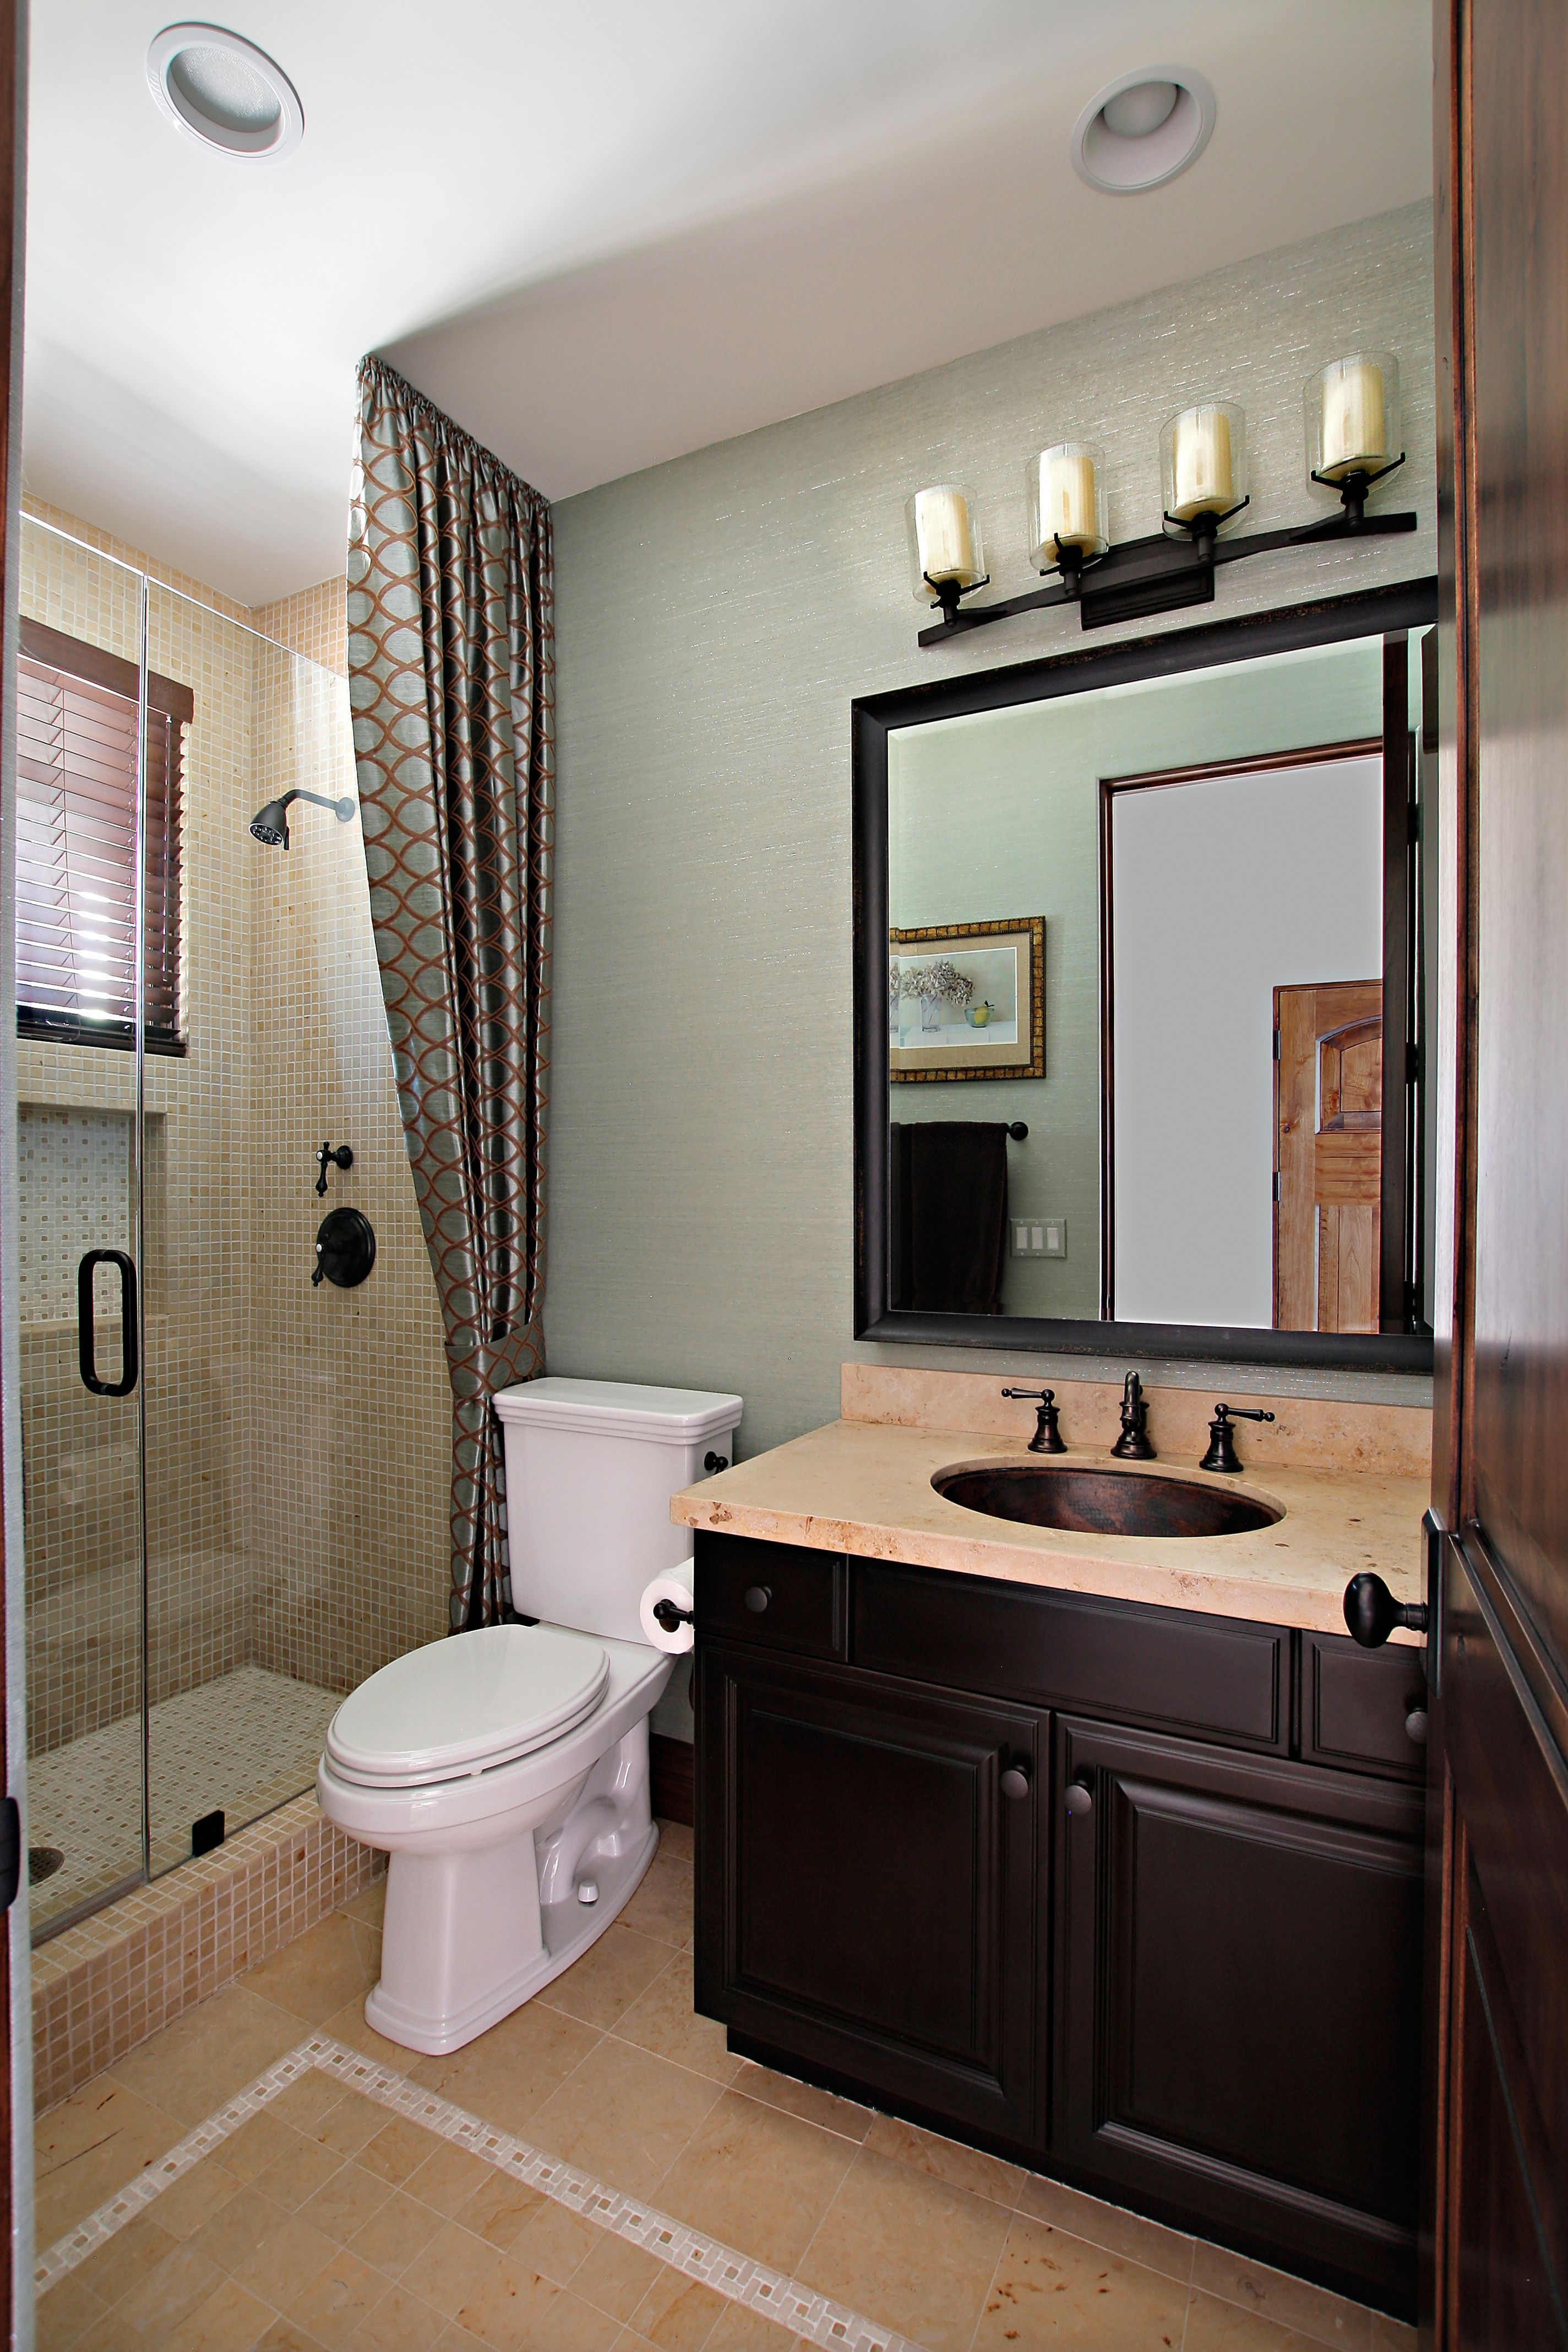 Moderne Kleine Badezimmer Design Bad günstig renovieren